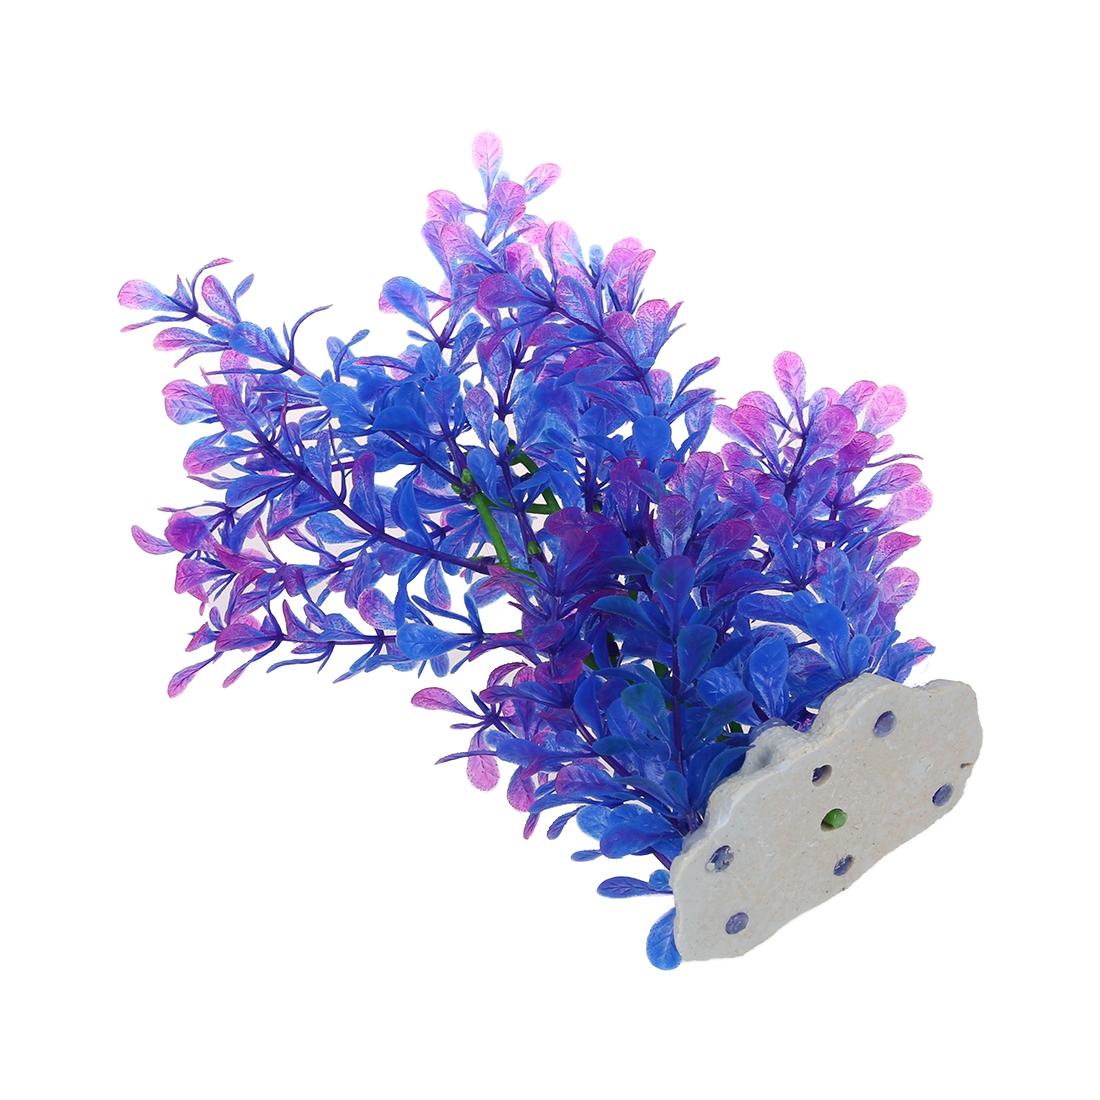 1 x art plant 15 20 cm aquarium decoration water plant for Aquarium decoration uk